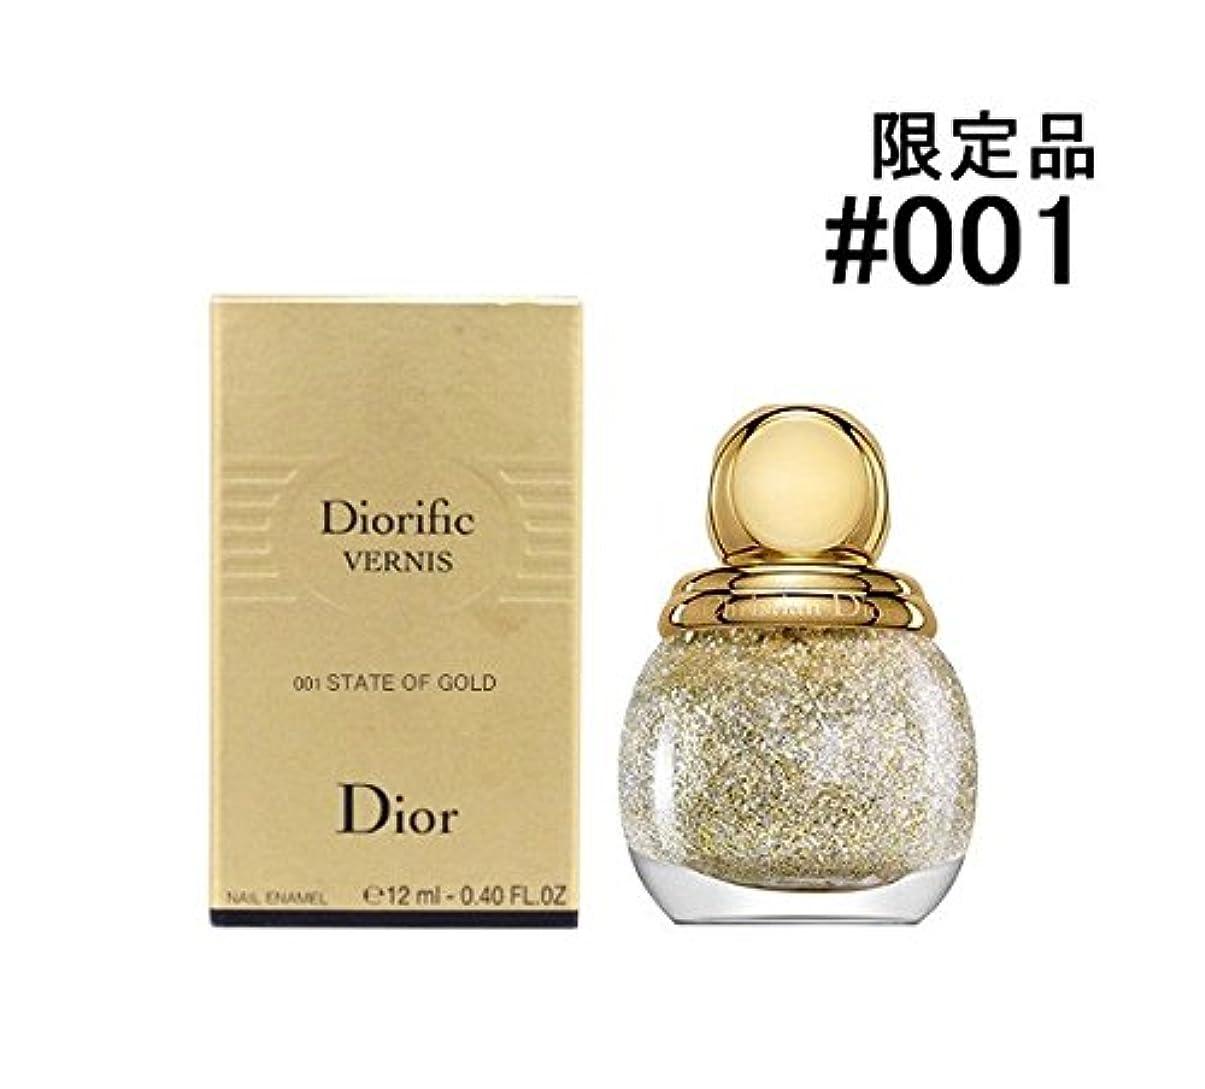 アサーブリード苦Dior ディオール ヴェルニ ディオリフィック【限定品】12ml (#001 ステート オブ ゴールド) [並行輸入品]